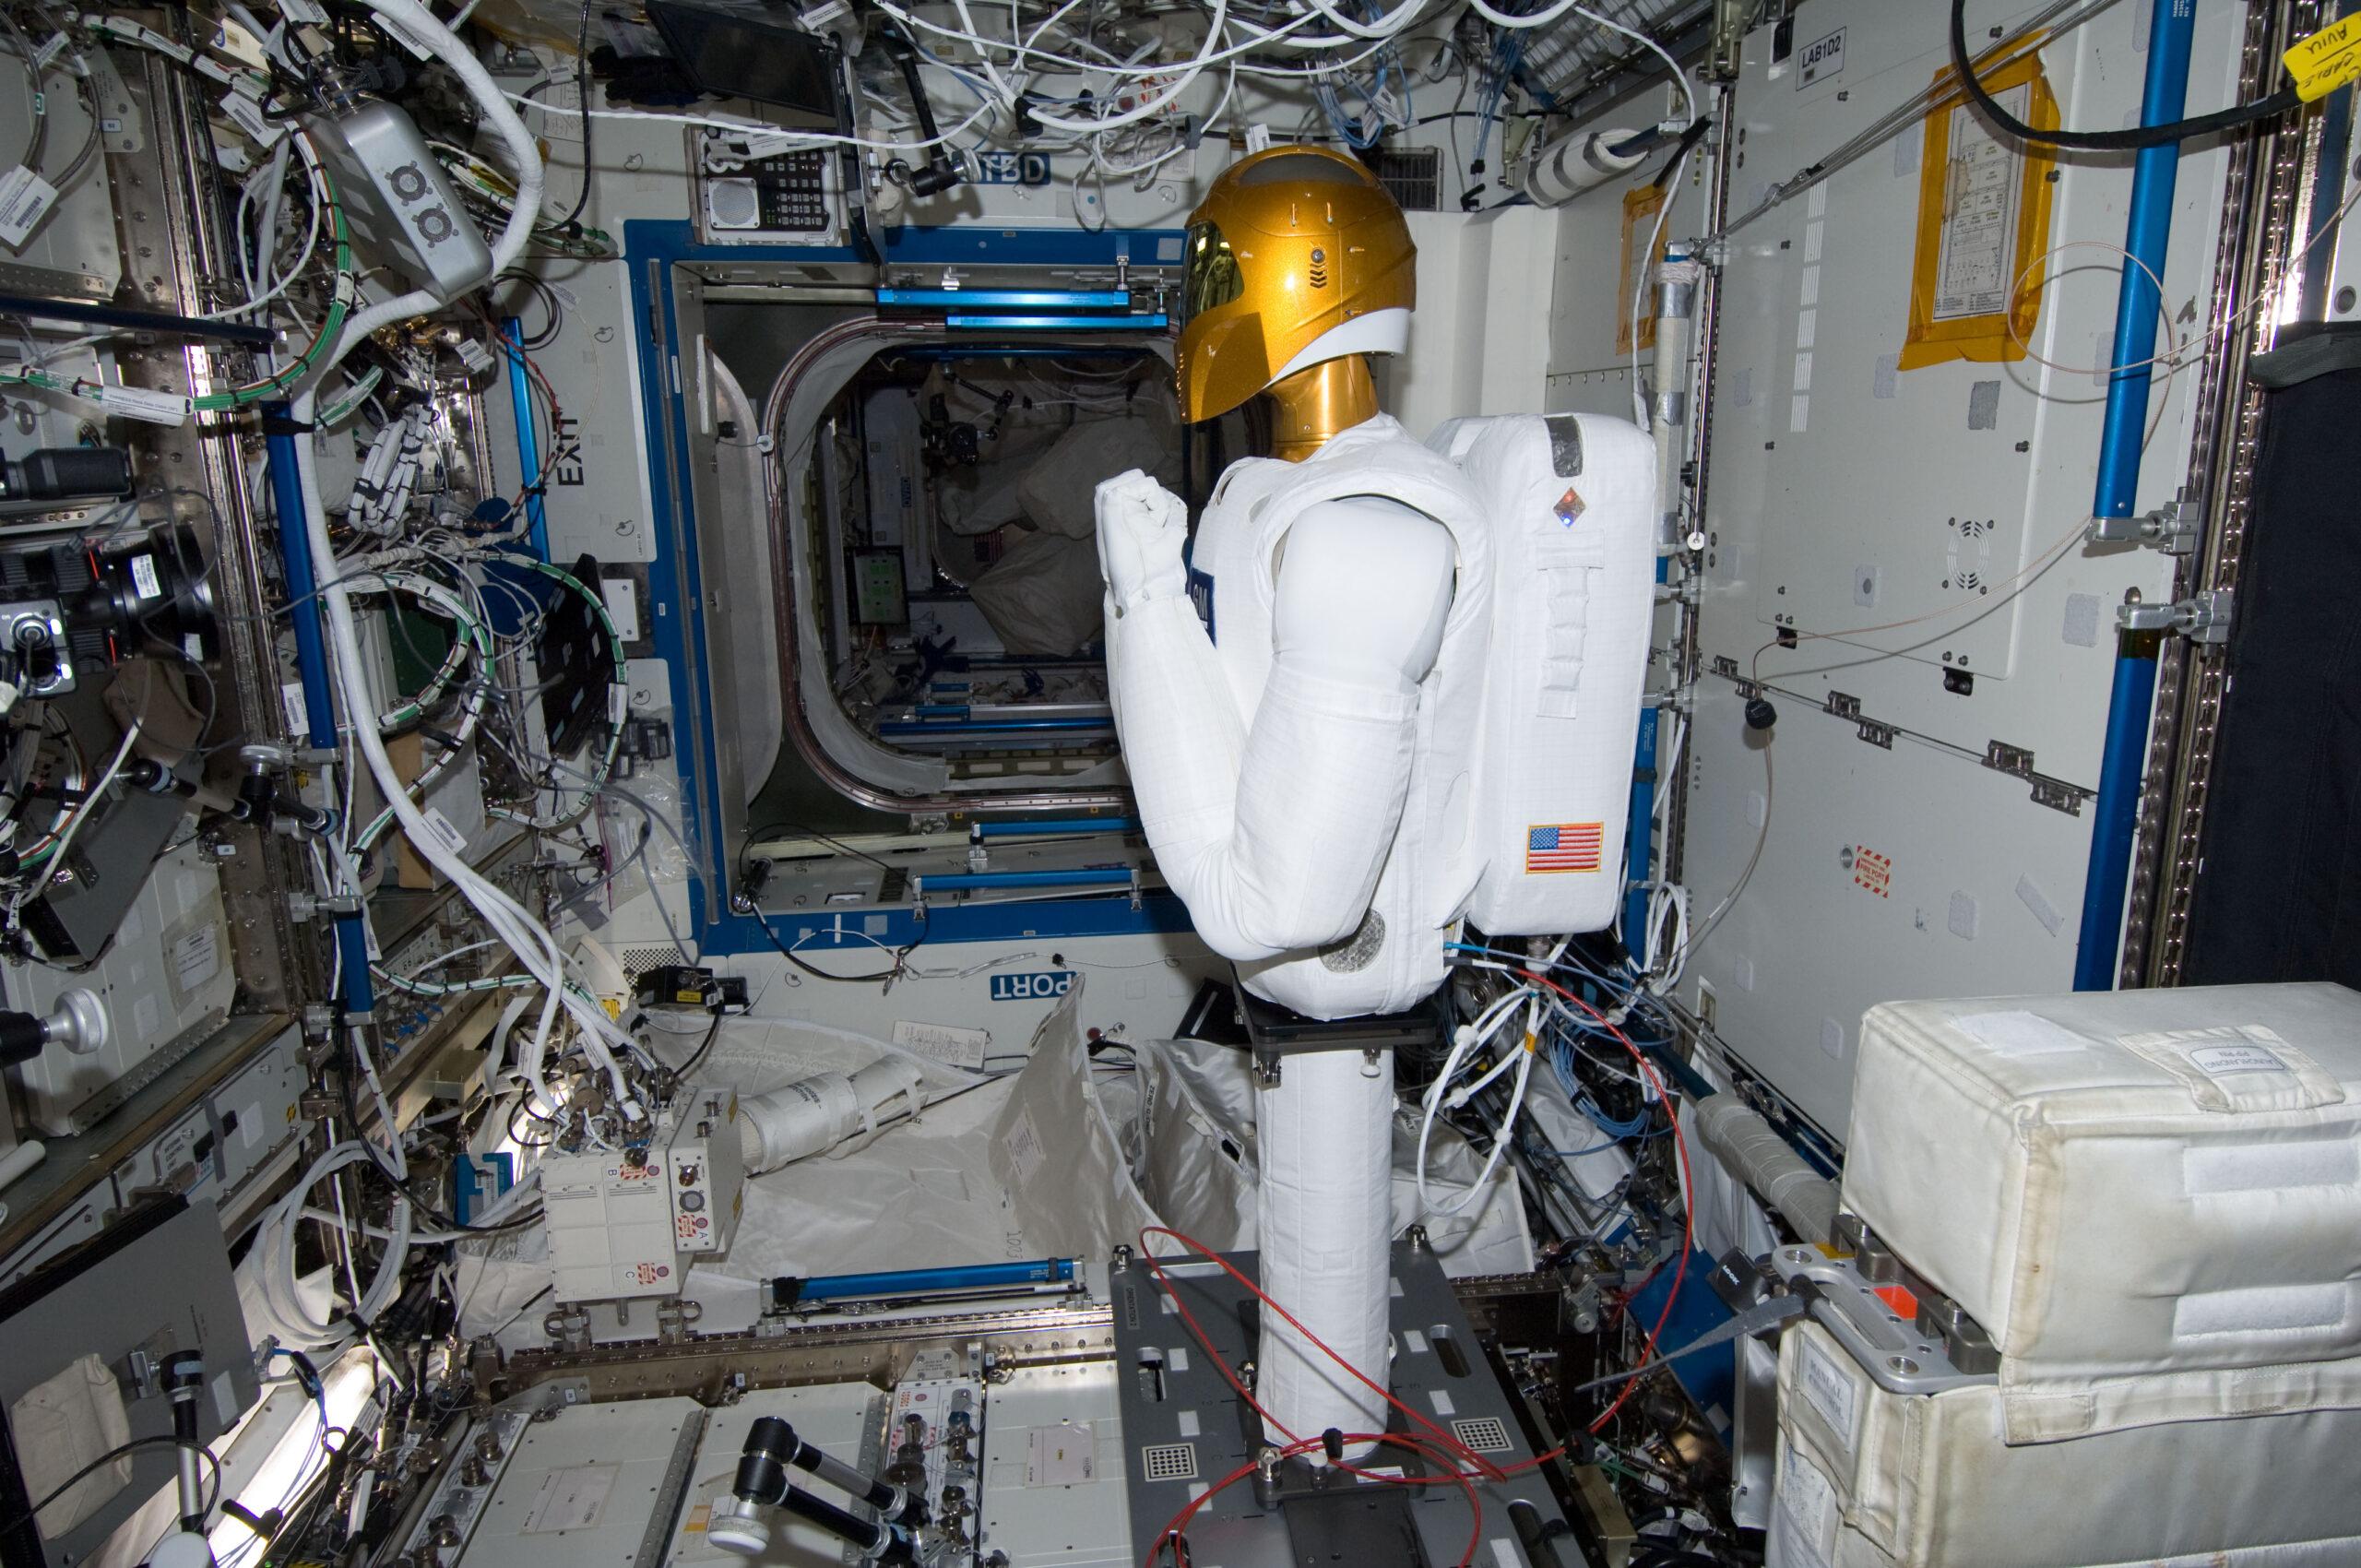 Le robot spatial Robonaut 2 – R2 – continue sa mission à bord d'ISS